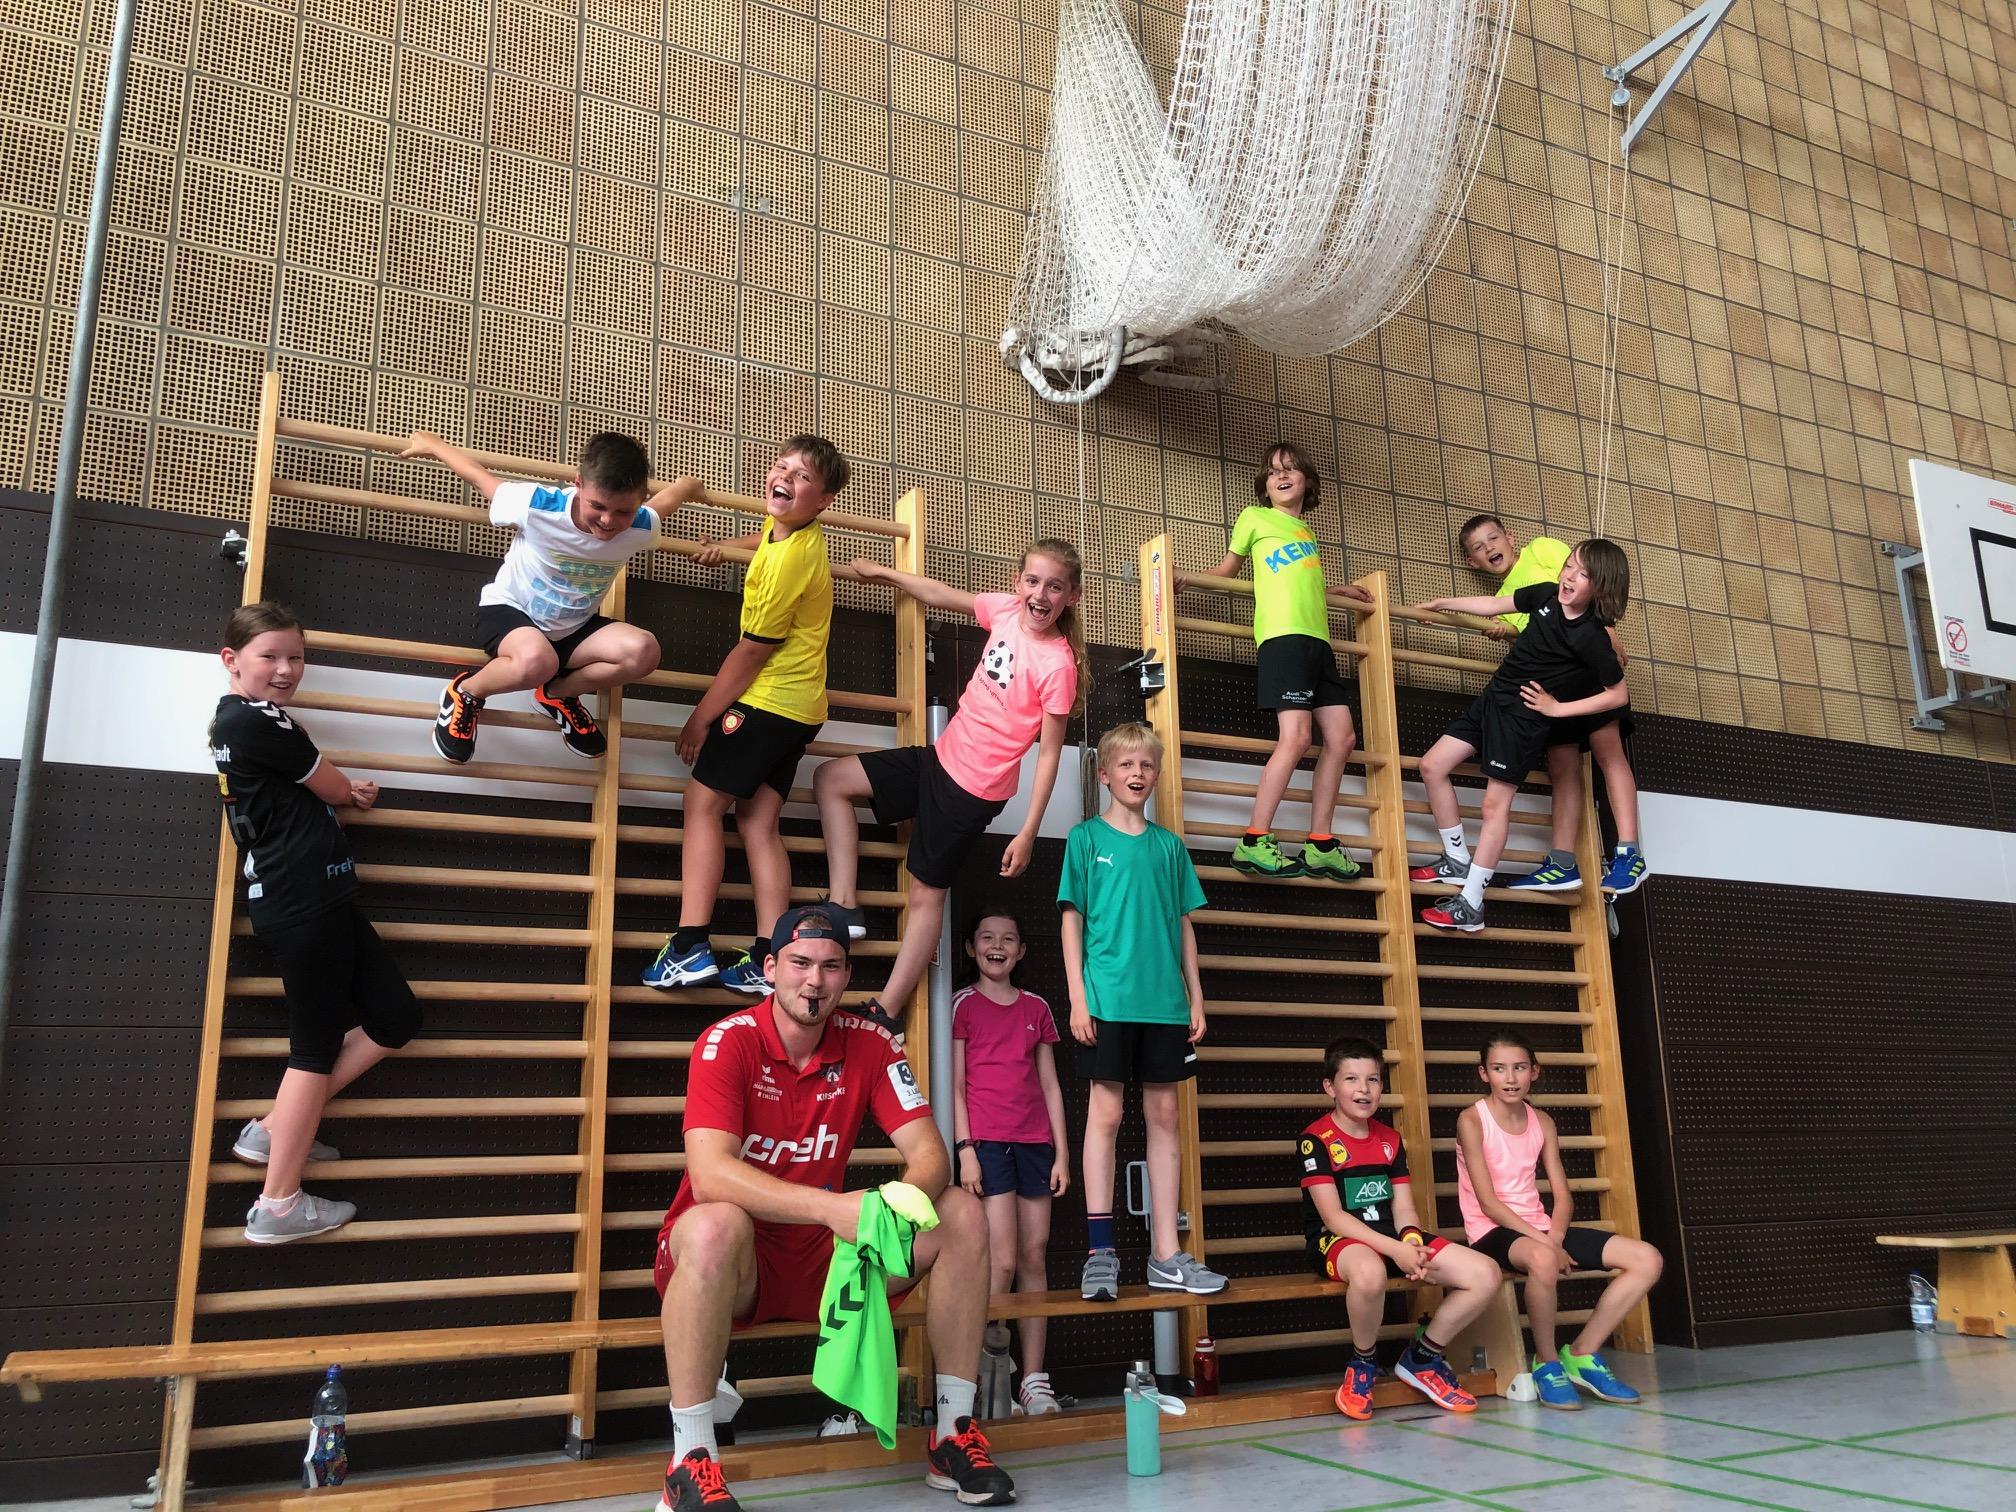 Kinder- und Jugendhandball in der Halle wieder auf vollen Touren – Tolle Gelegenheit für Neueinsteiger